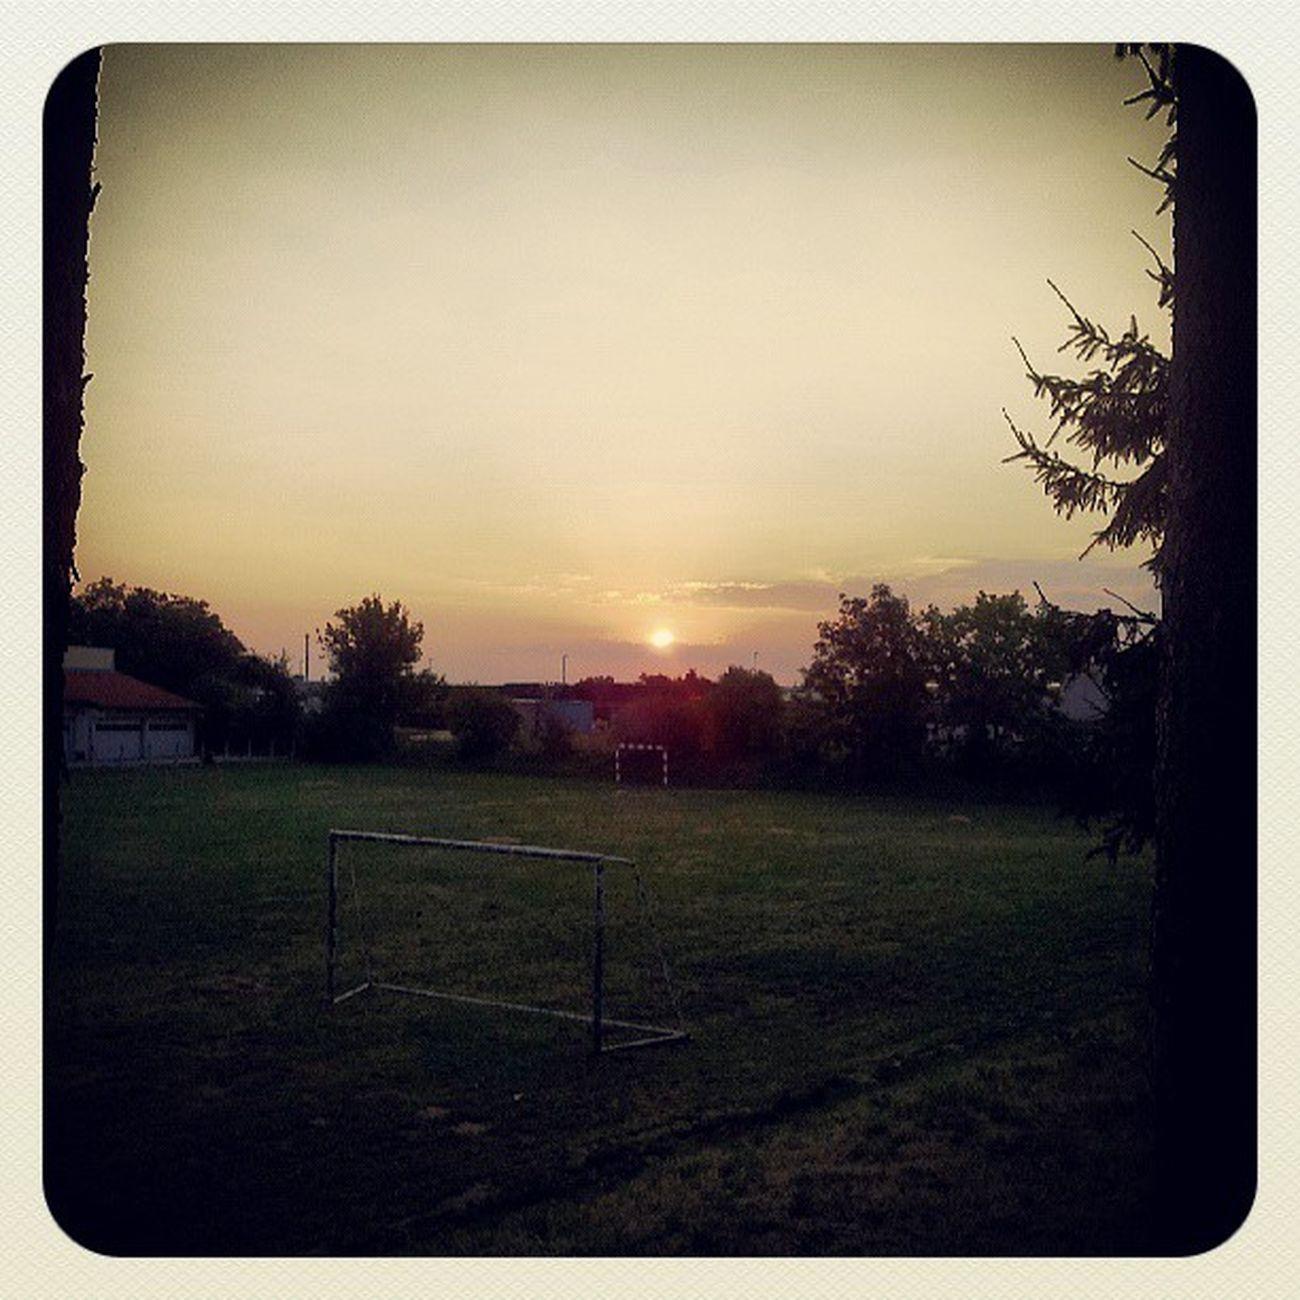 Igslovenia Murska Sobota Cerkveno nogometno igrisce soncni vzhod